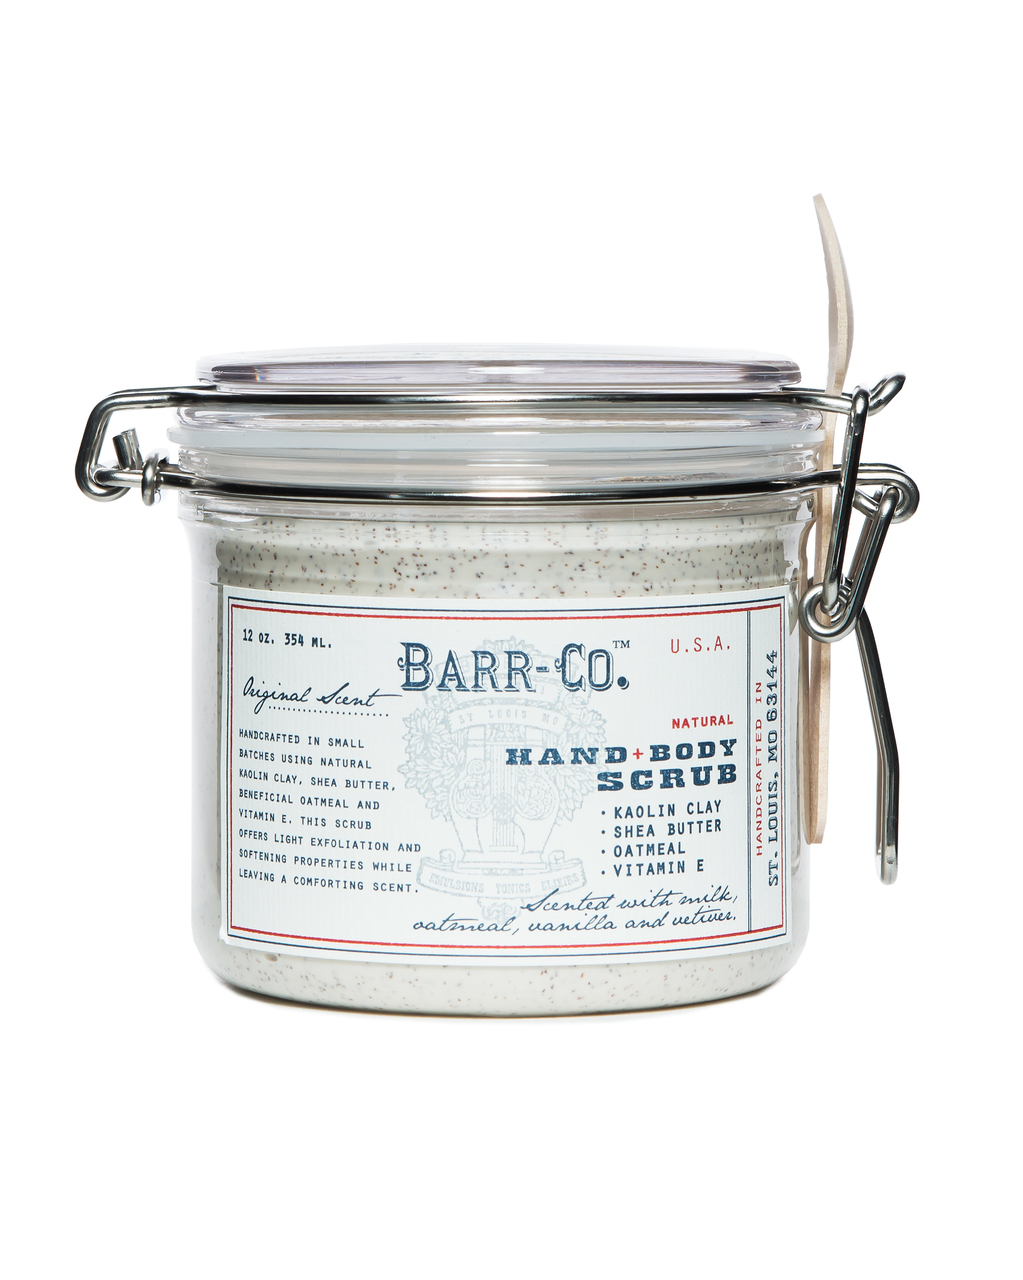 Barr-Co. Clay Body Scrub